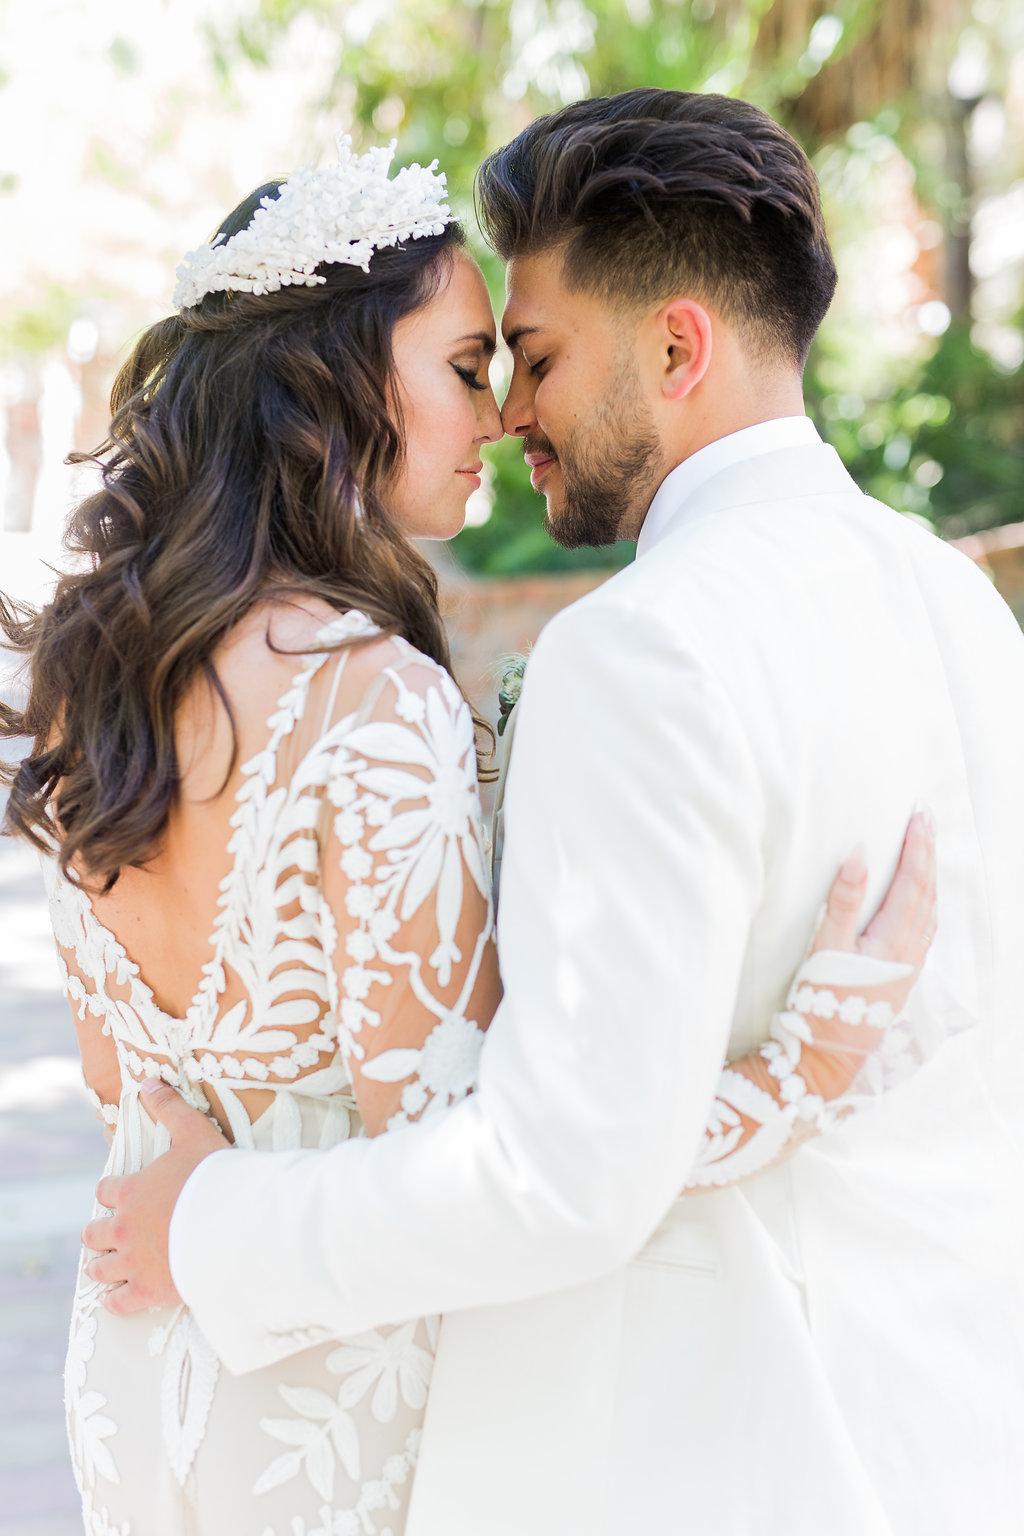 MeghanJordan-Wedding-VeraInAugust-67.jpg